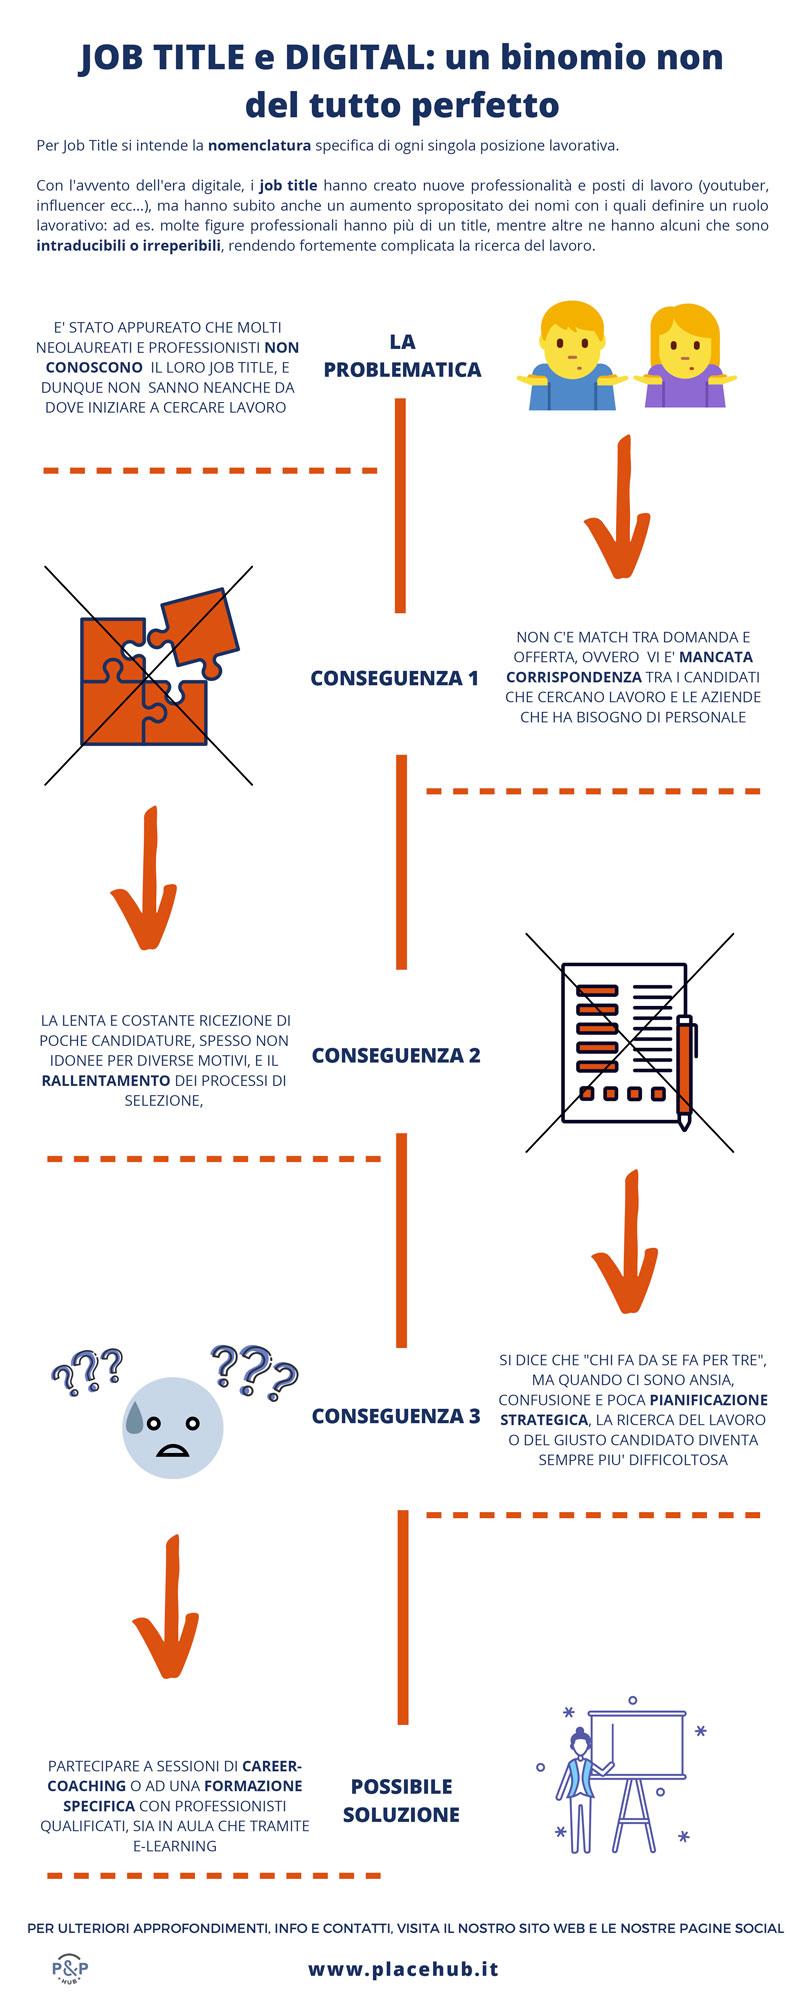 Infografica - JOB TITLE e DIGITAL: un binomio non del tutto perfetto